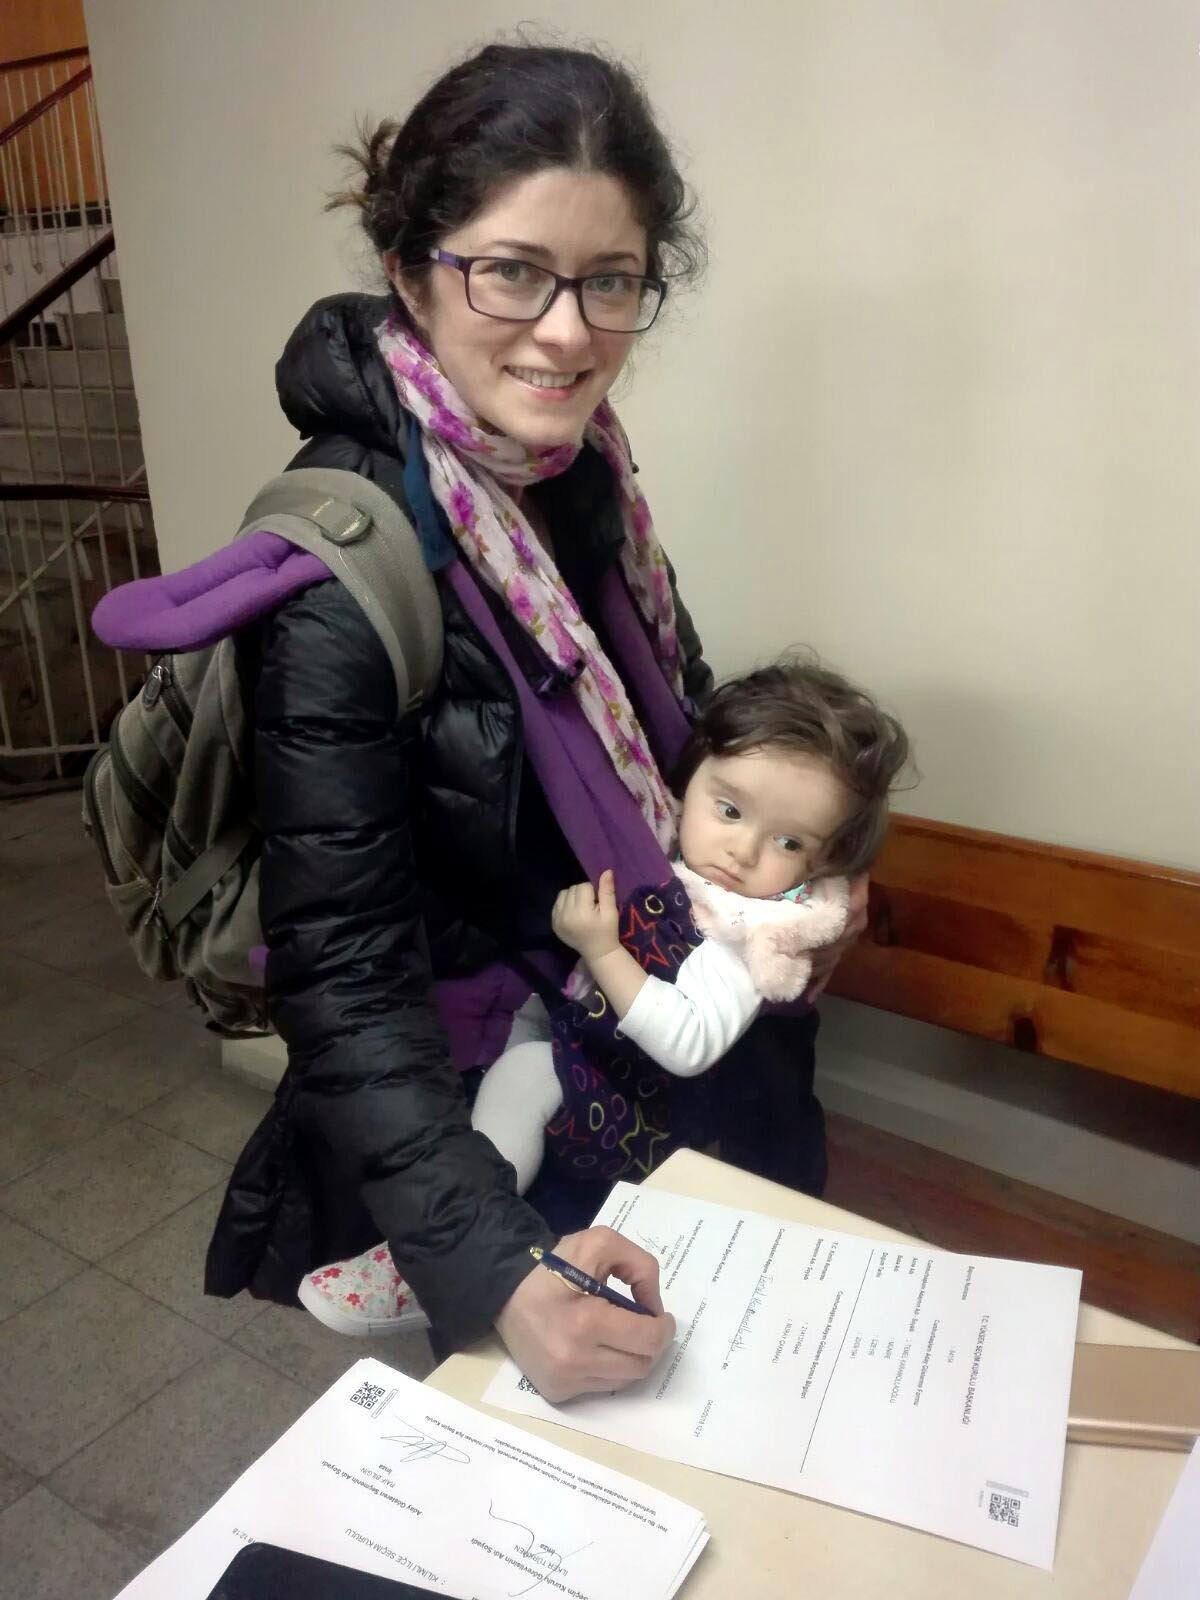 Zonguldak'ta, adliyede seçim kurullarınca oluşturulan başvuru noktalarına giden seçmenler, cumhurbaşkanı adayları için imza verdi. Bir anne, kucağındaki çocukla imza vermeye geldi.